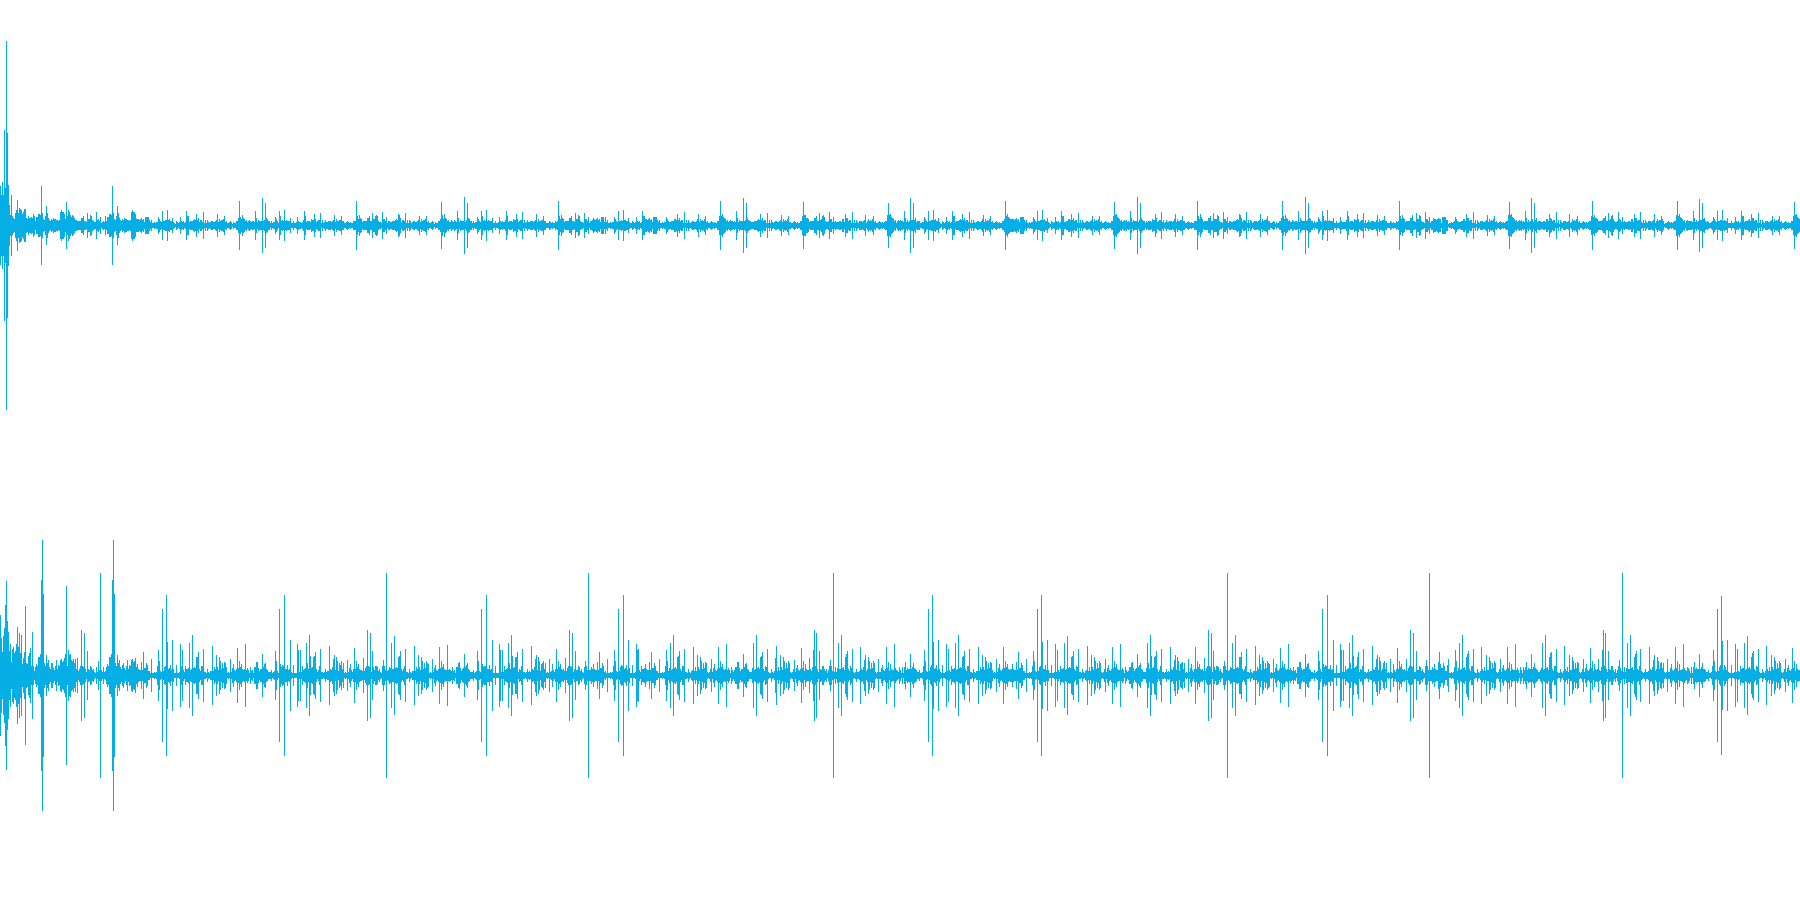 チリチリ、プチプチ:レコードノイズの音の再生済みの波形